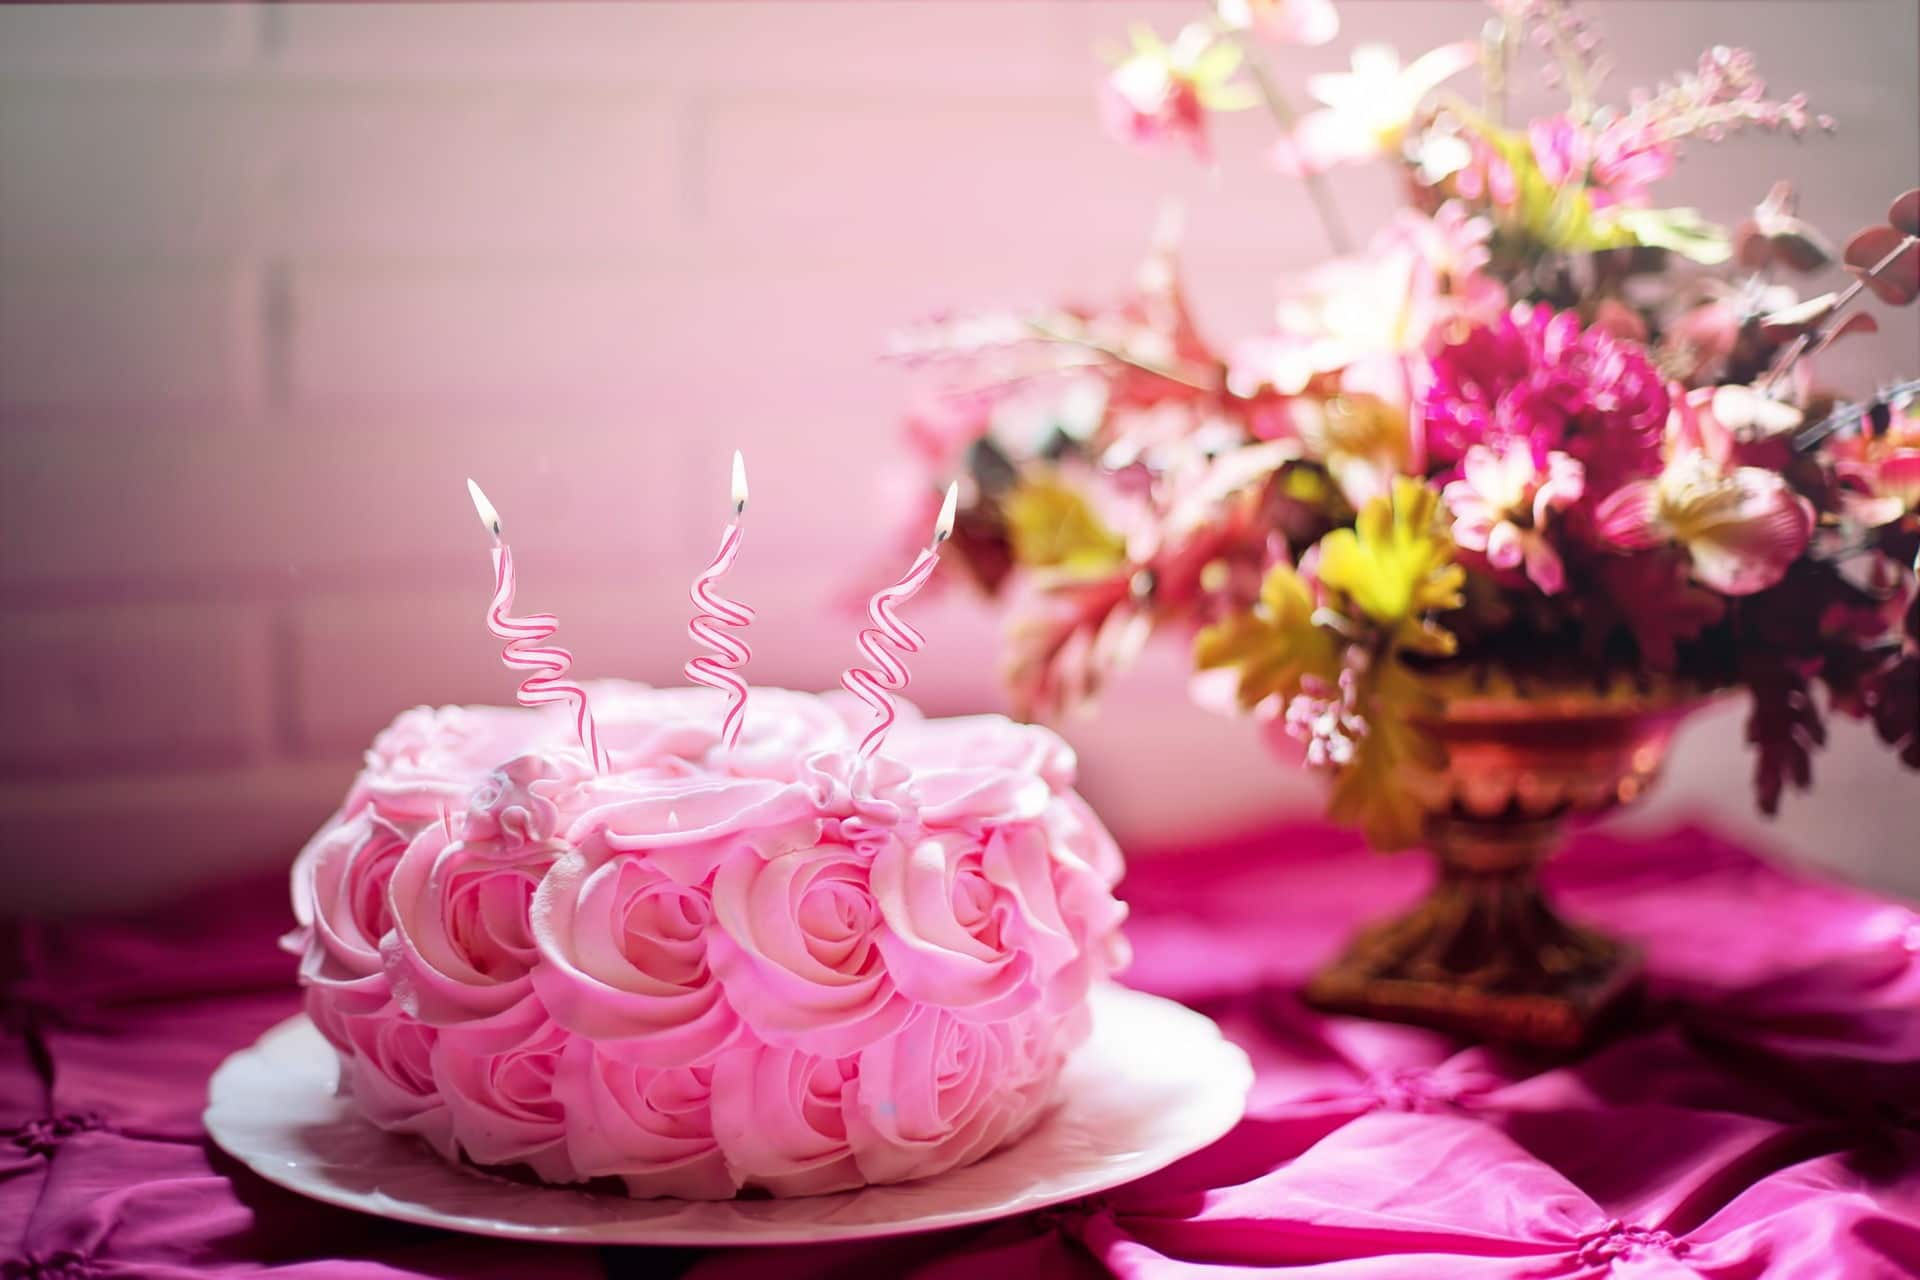 קישוטים ליום הולדת - יופי של מסיבה